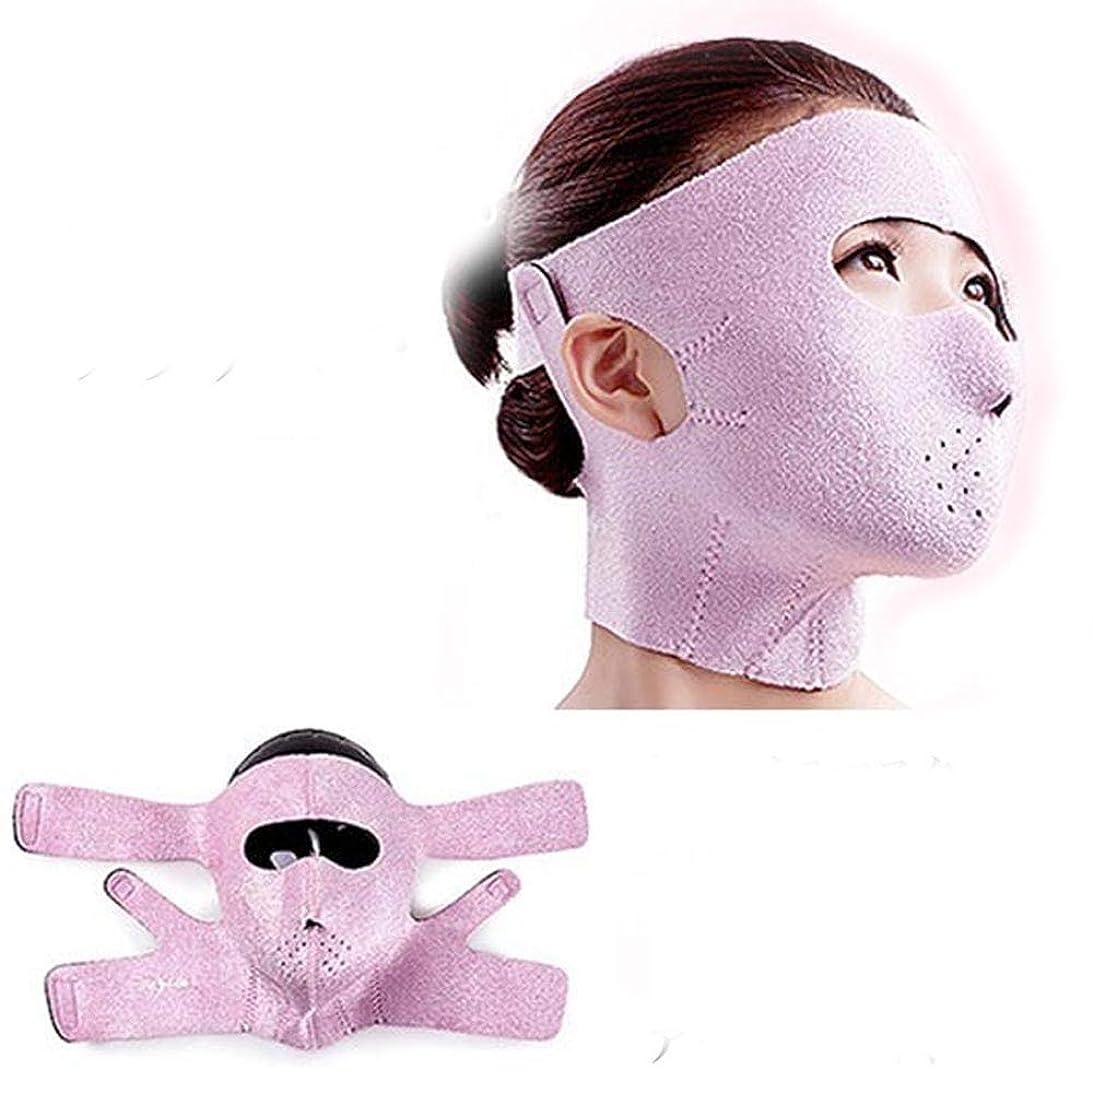 開業医銅びっくりした小顔 矯正 補正 サウナ マスク サポーター 顔 リフトアップ エステ ダイエット